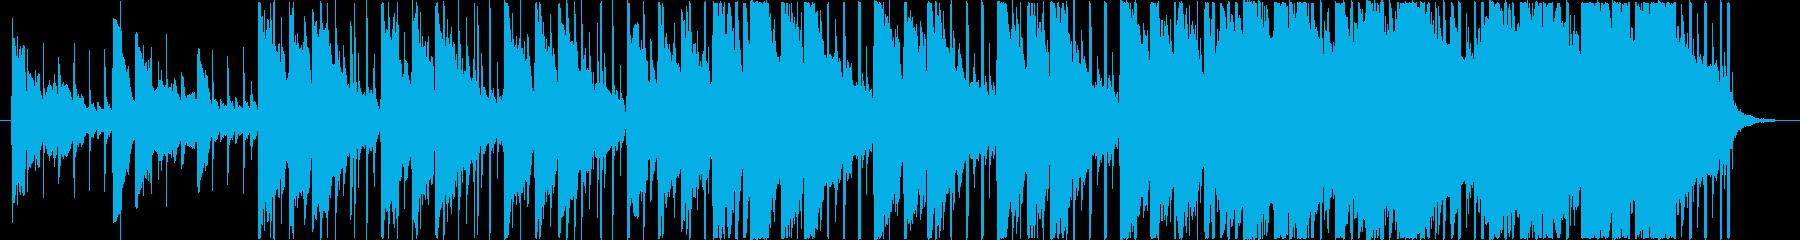 反復コード・ドキュメント映像向けBGMの再生済みの波形